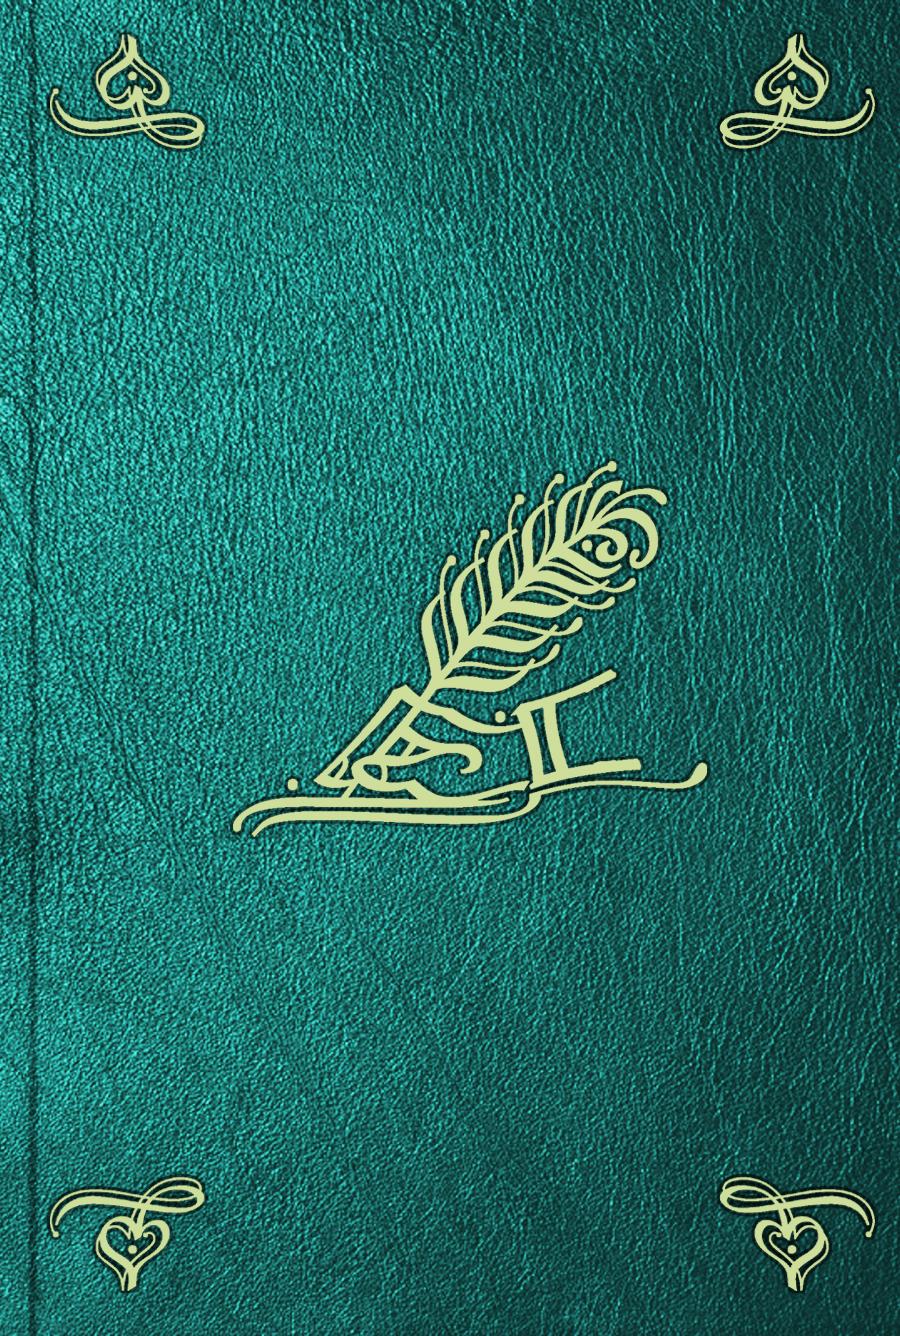 John Chardin Voyages du chevalier Chardin, en Perse, et autres lieux de l'Orient. T. 4 victor de jouy l hermite en italie t 2